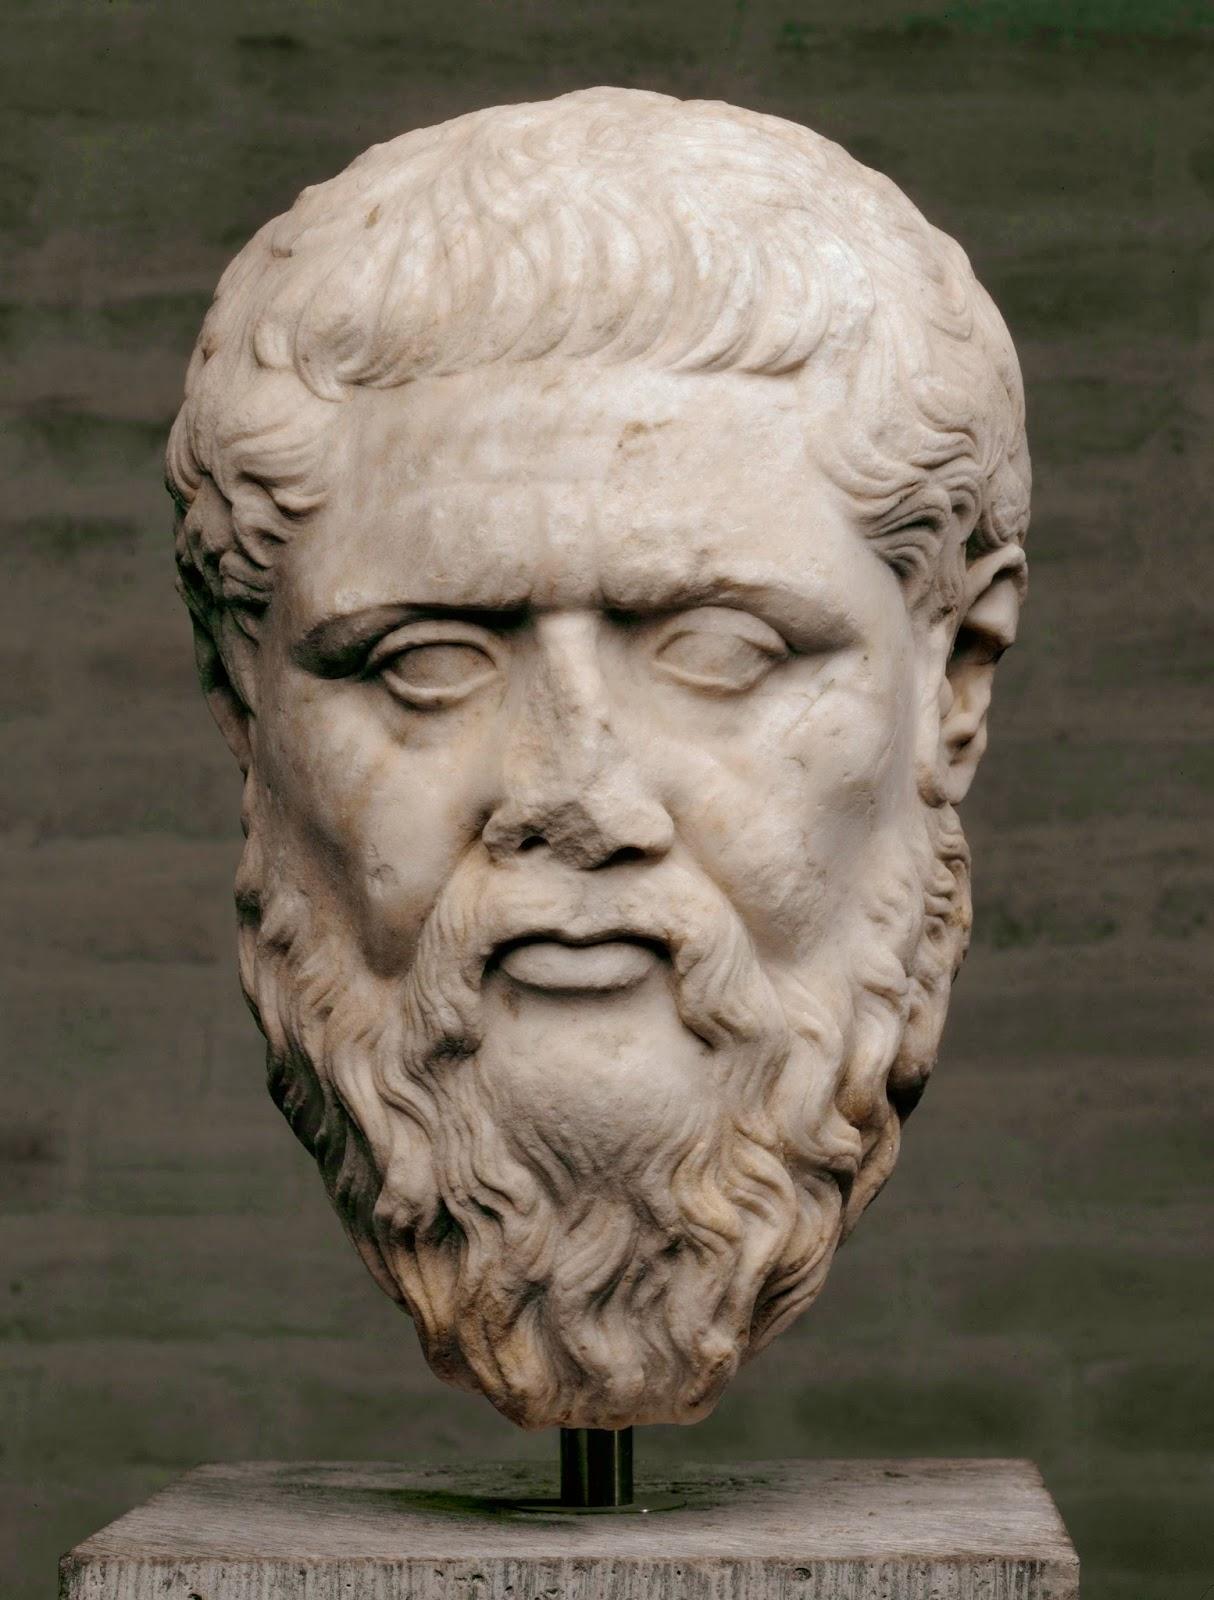 Retrato de Platón según modelo griego, siglo IV a. C.